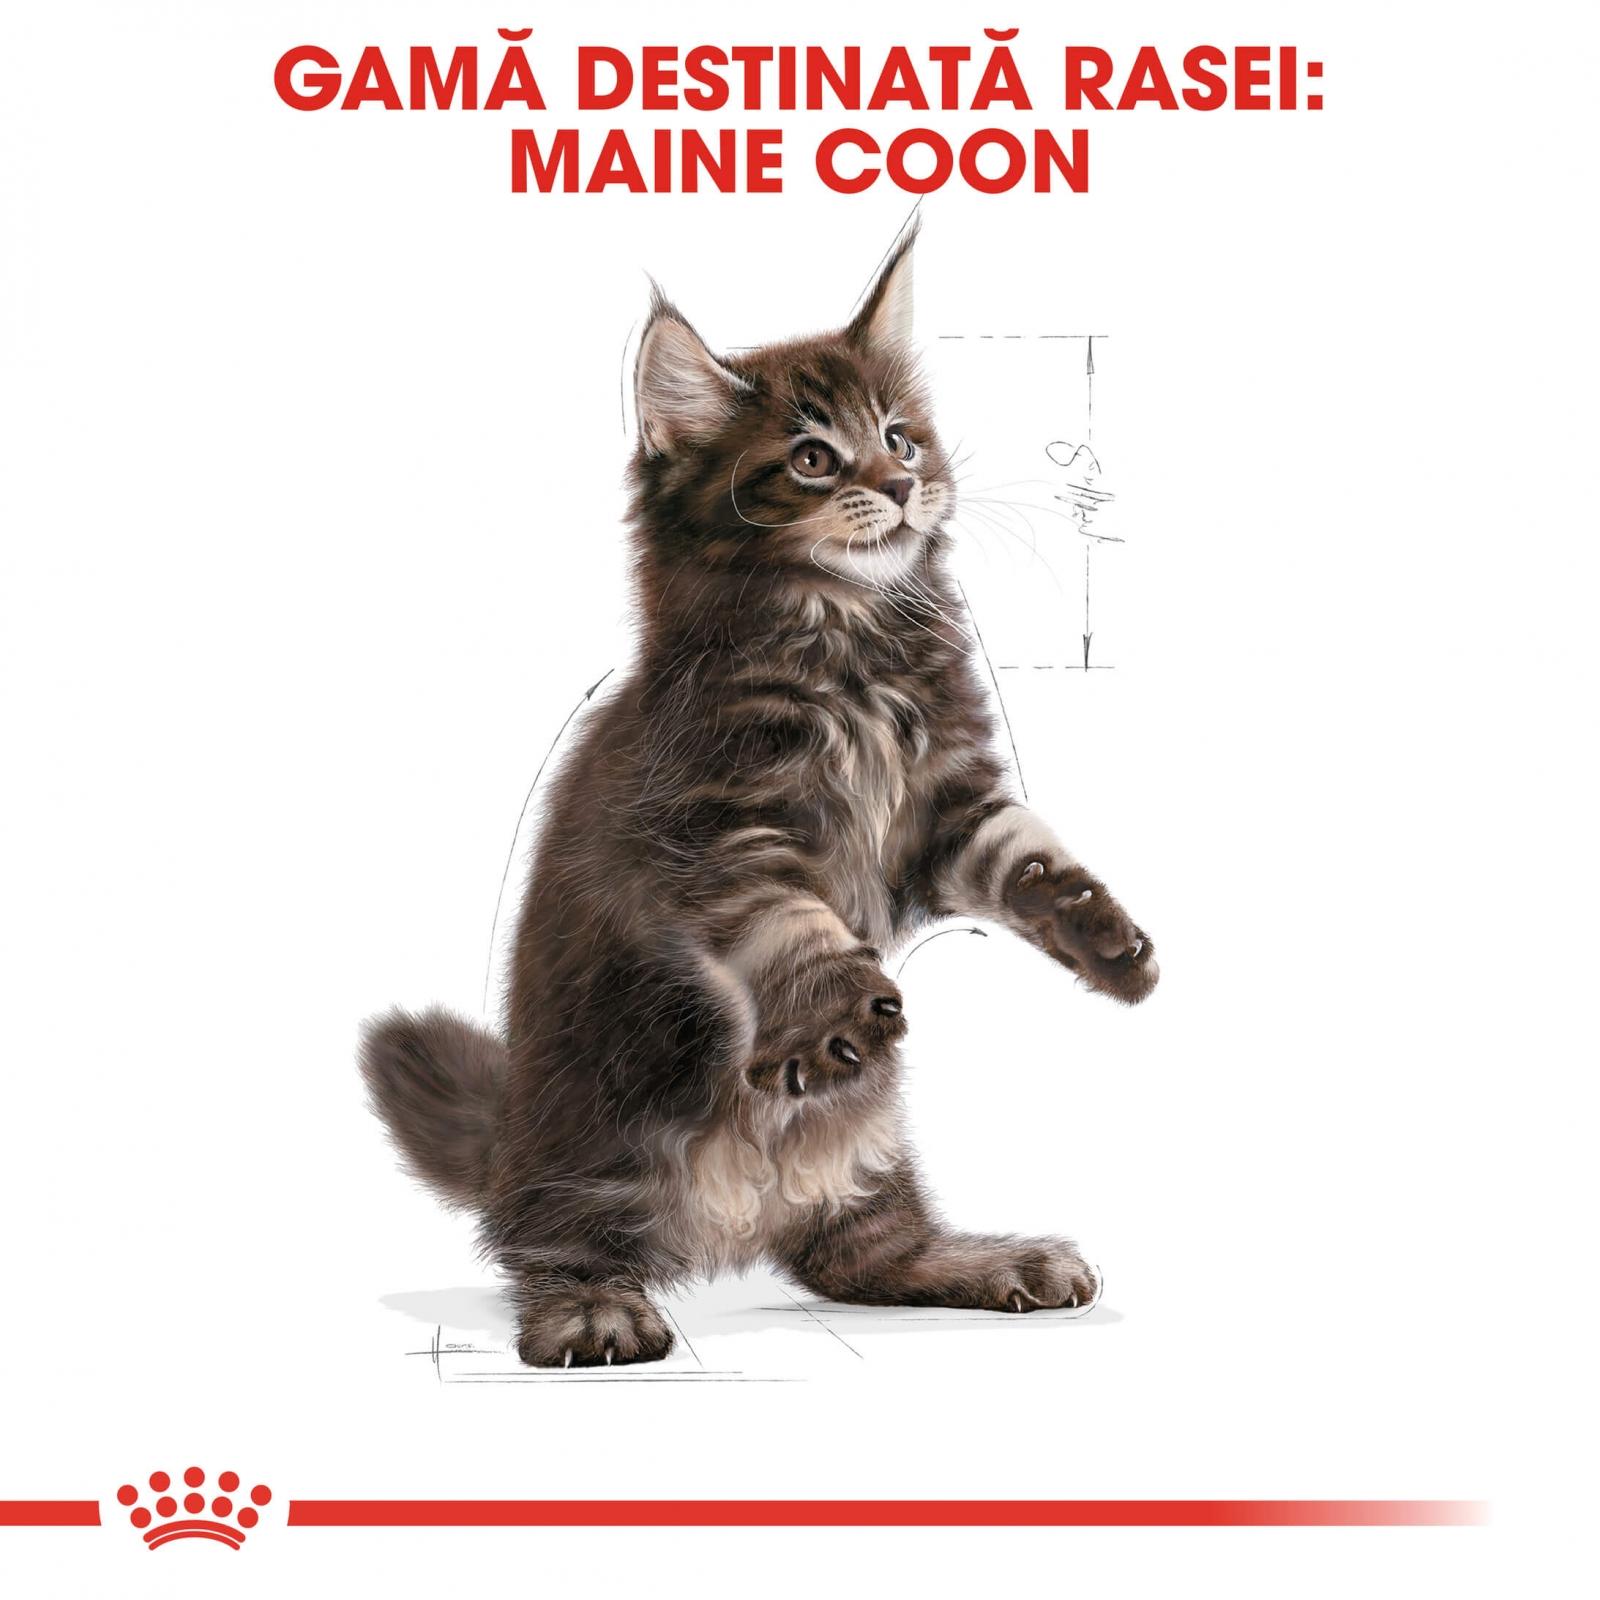 royal canin maine coon kitten 10 kg hrna pisici. Black Bedroom Furniture Sets. Home Design Ideas